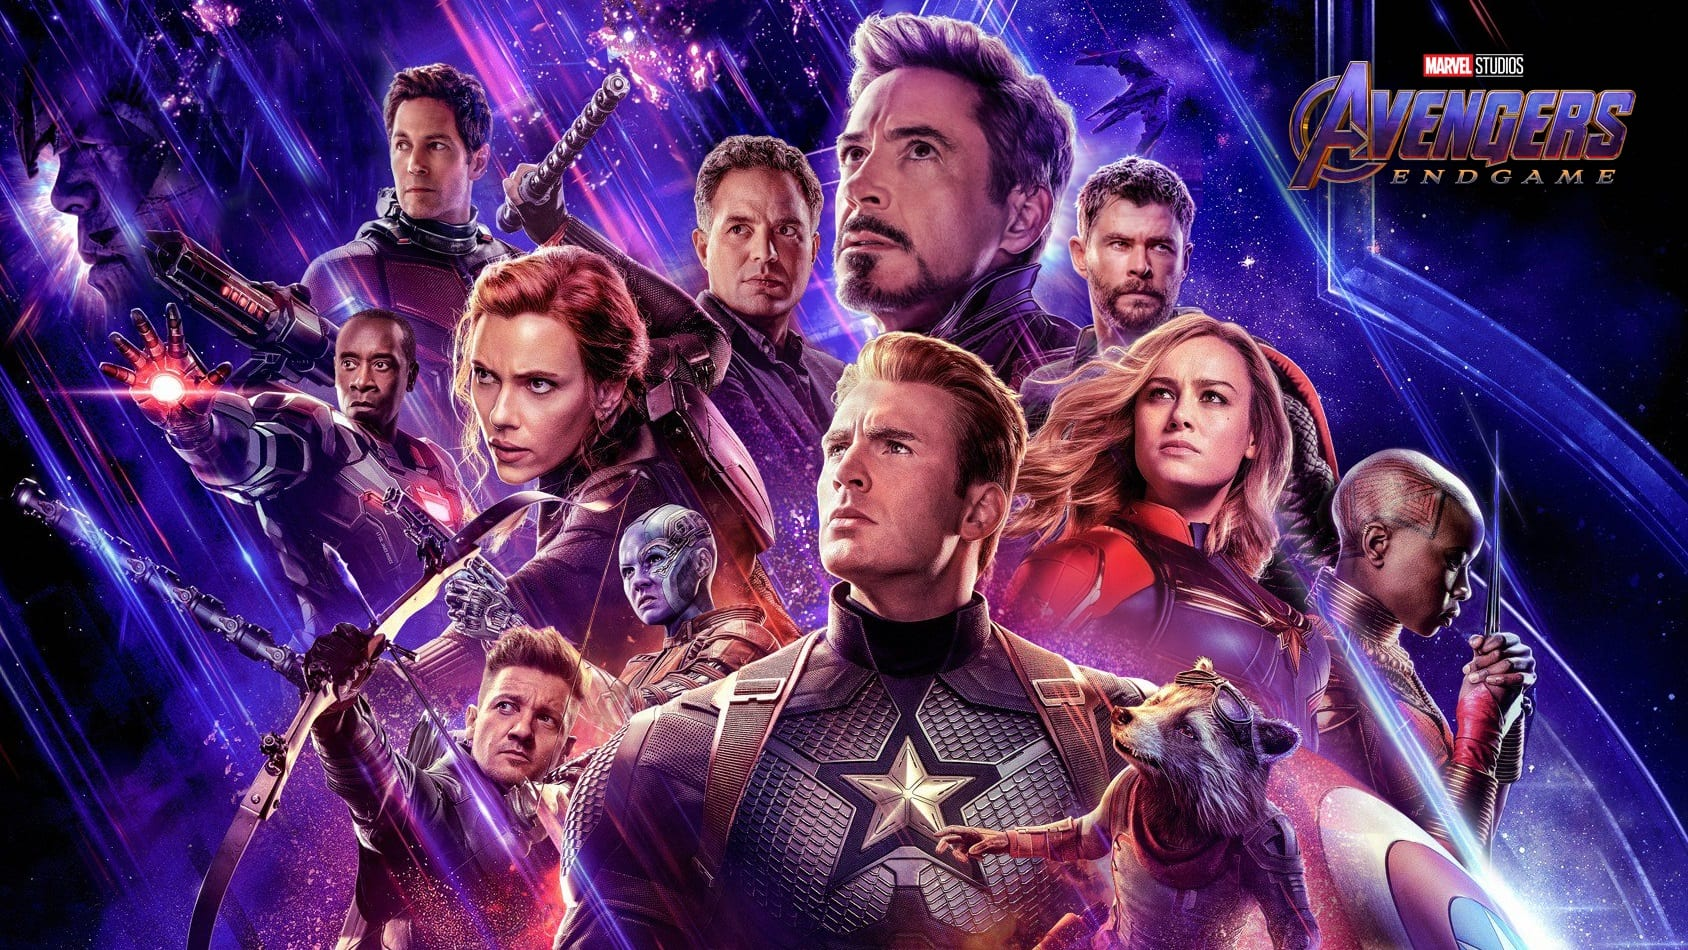 Marvel Cinematic Universe: Avengers Endgame